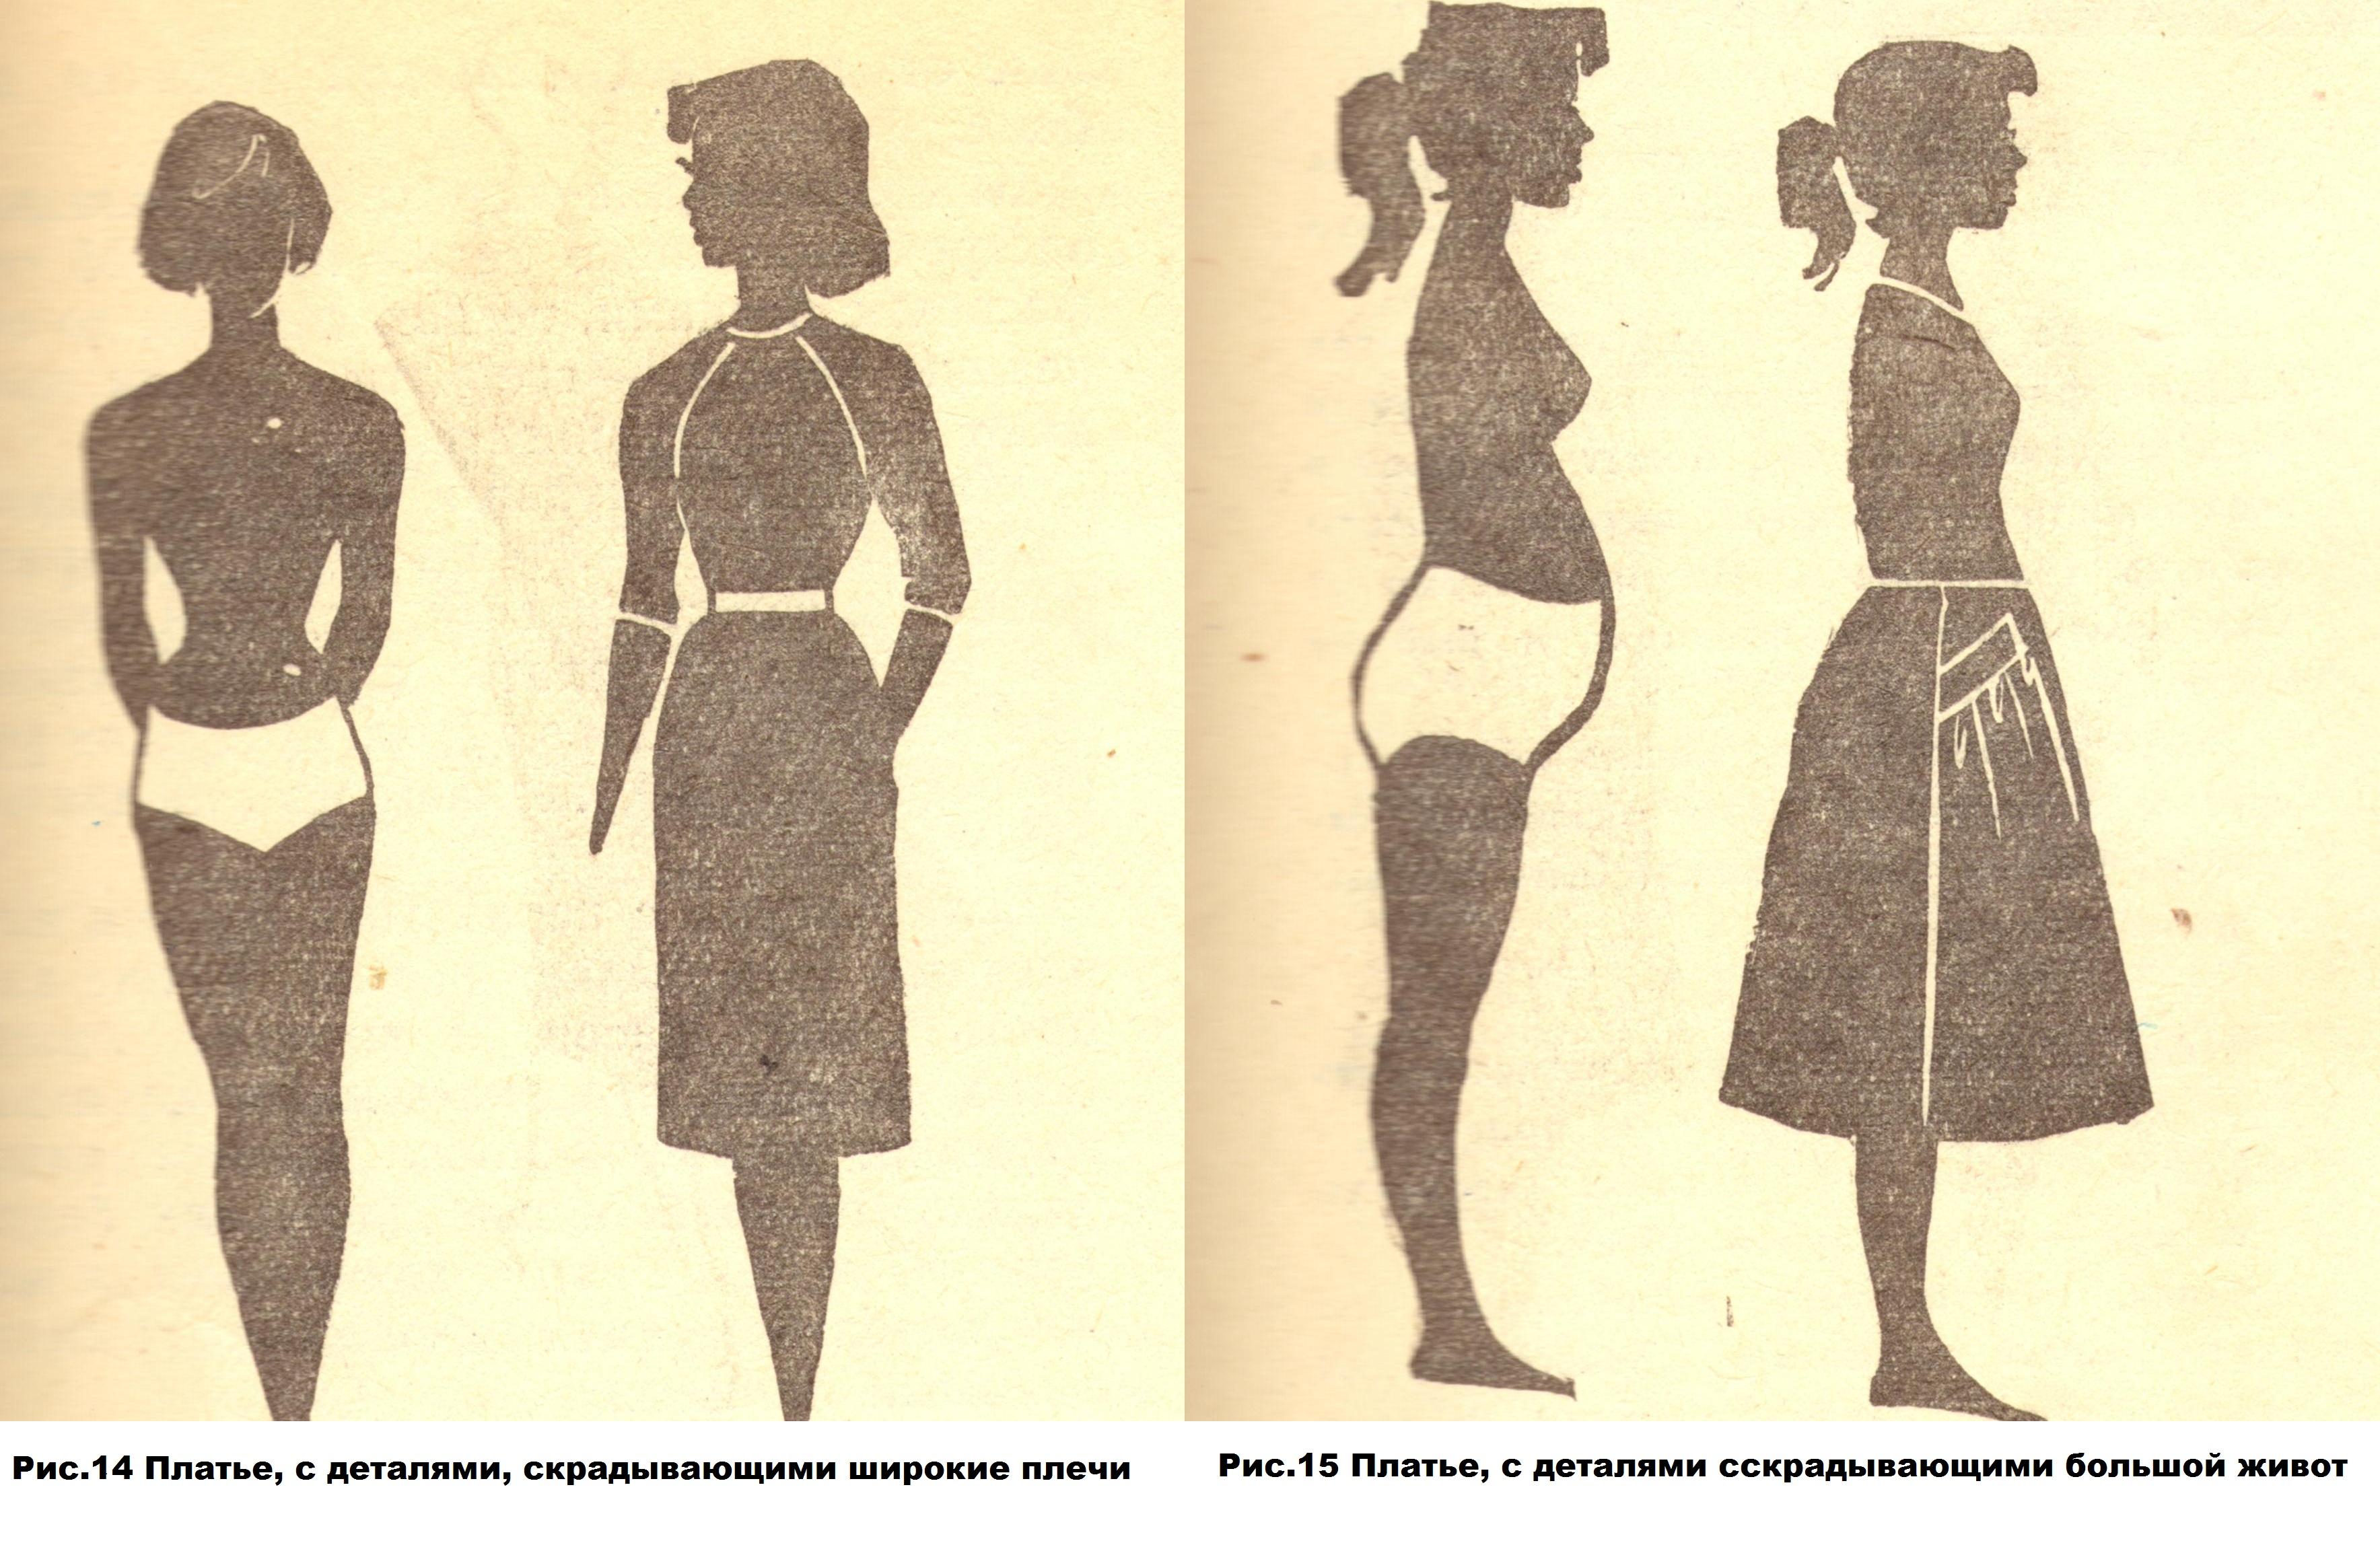 Широкие плечи, большой живот (14-15)